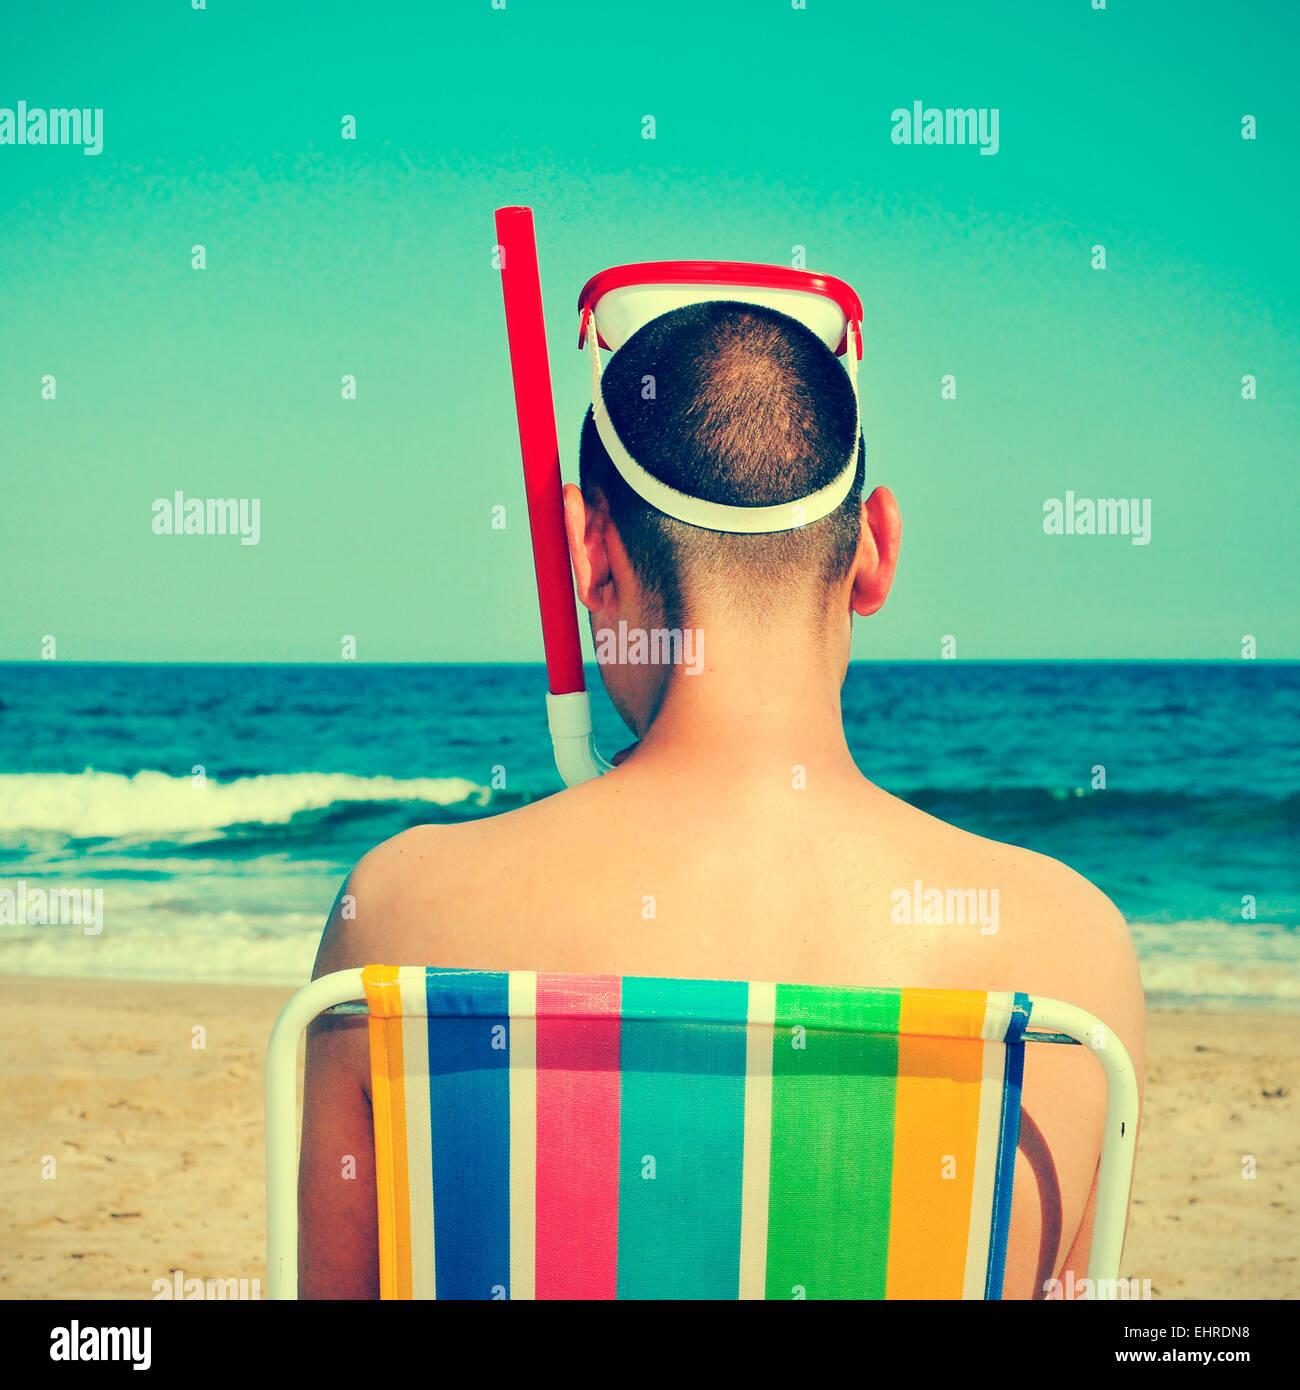 Bild von der Rückseite eines Mannes trägt eine Taucherbrille und einen Schnorchel sitzen in einem Liegestuhl Stockbild